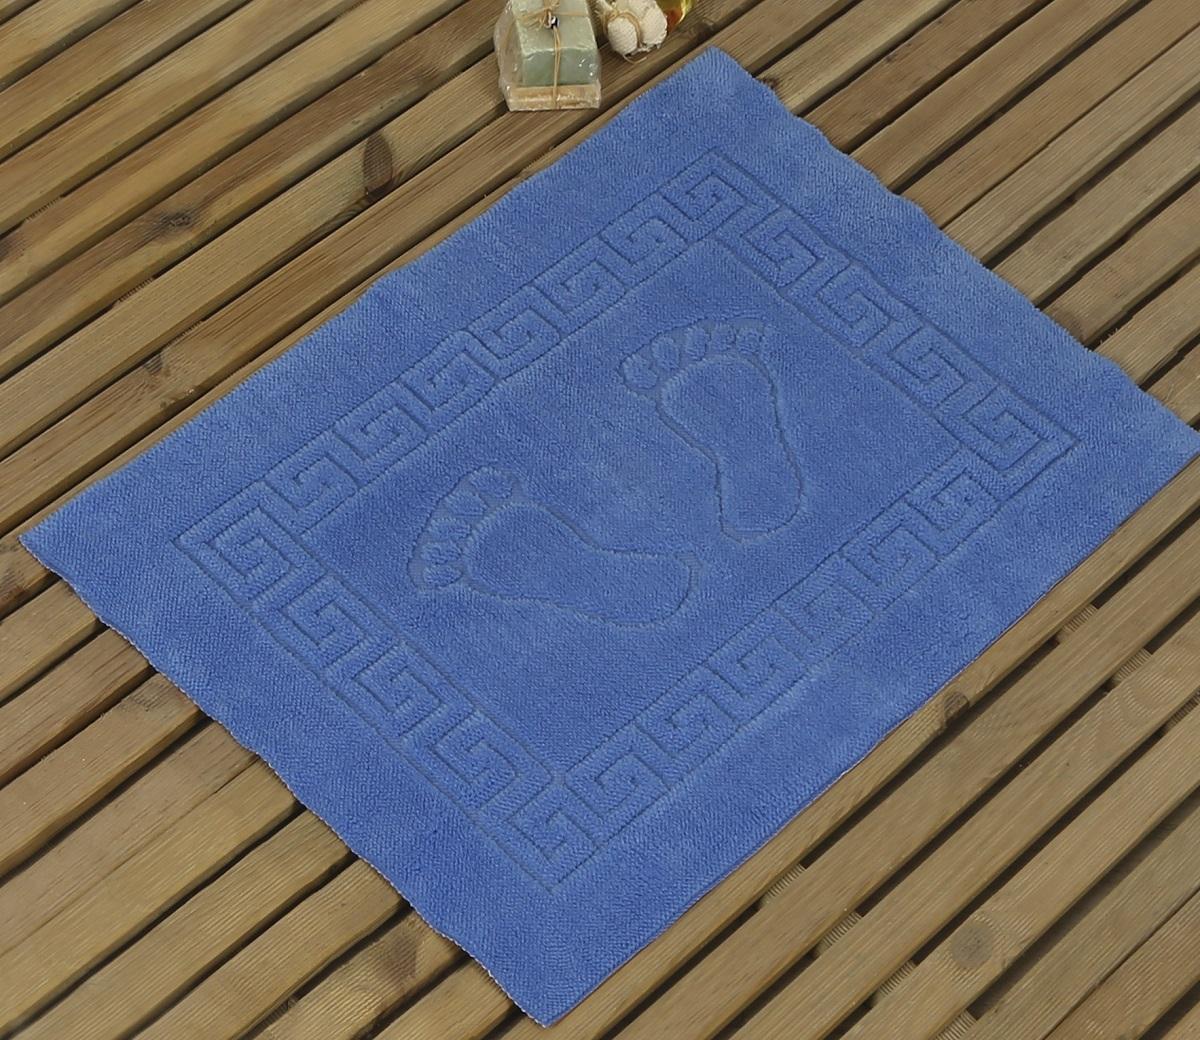 Коврик для ванной Karna Likya, цвет: голубой, 50 х 70 см631/CHAR005Коврик печатный Karna сделан из 100% полиэстера. Полиэстер является синтетическим волокном. Ткань, полностью изготовленная из полиэстера, даже после увлажнения, очень быстро сохнет. Коврик из полиэстера практически не требователен к уходу и обладает высокой устойчивостью к износу.Коврик из полиэстера не мнётся и легко стирается, после стирки очень быстро высыхает. Материал очень прочный, за время использования не растягивается и не садится. А так же обладает высокой влагонепроницаемостью.Размер: 50 х 70 см.